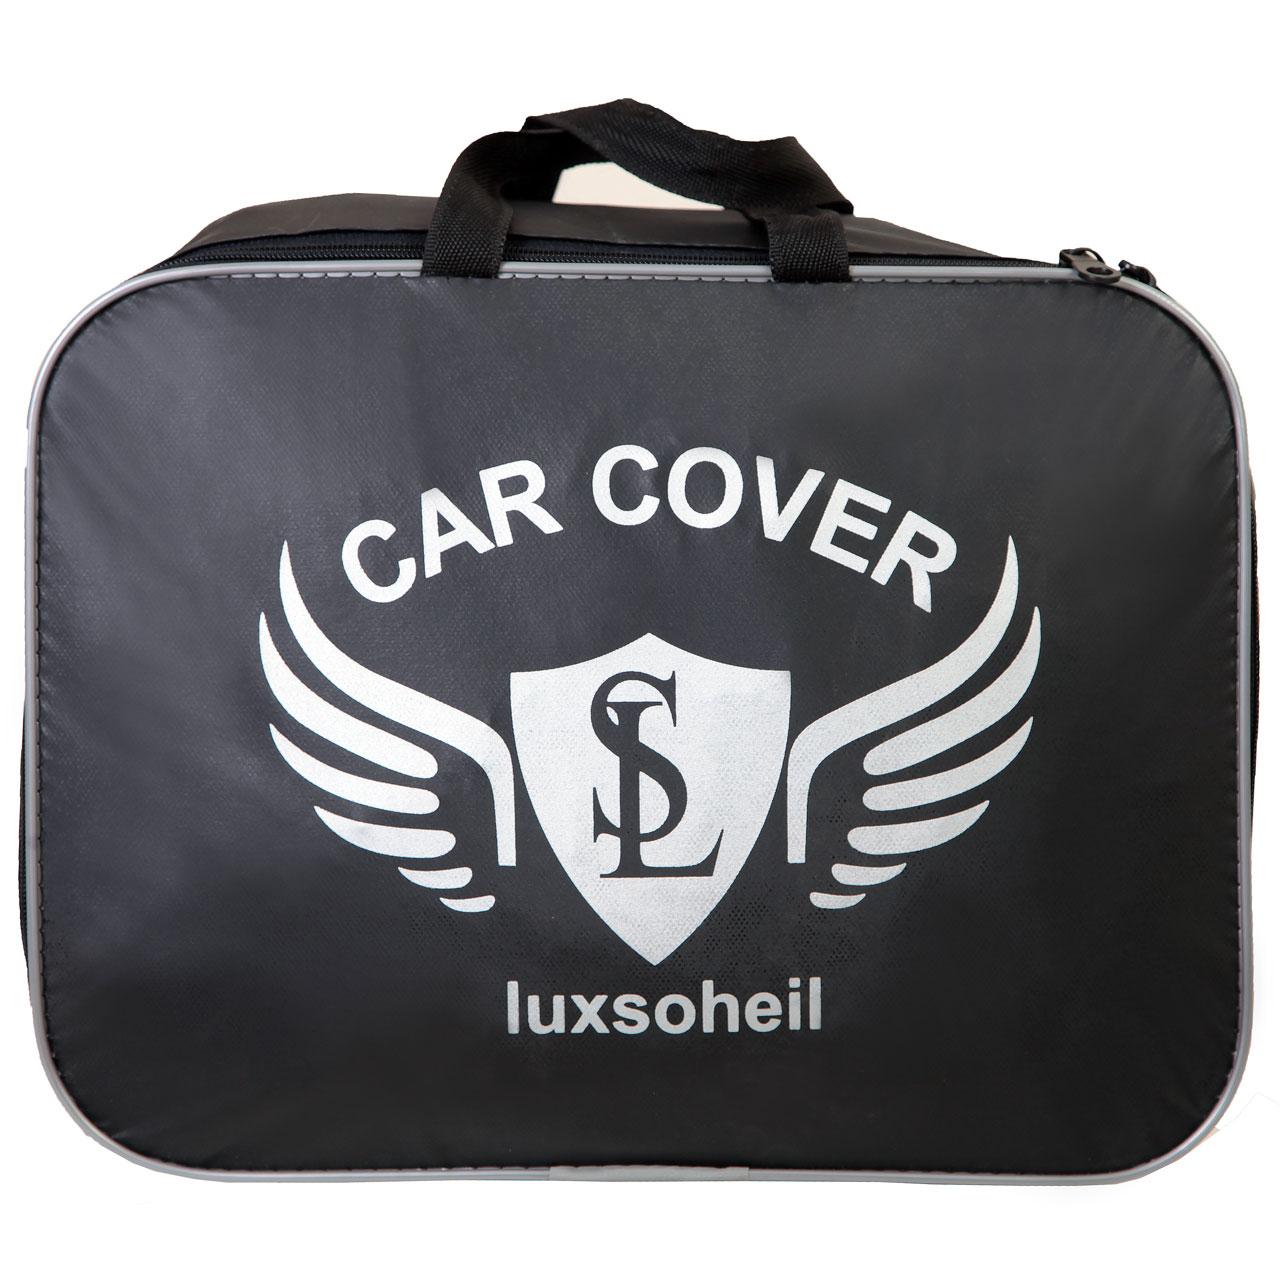 روکش خودرو لوکس سهیل مدل SK مناسب برای پژو 206